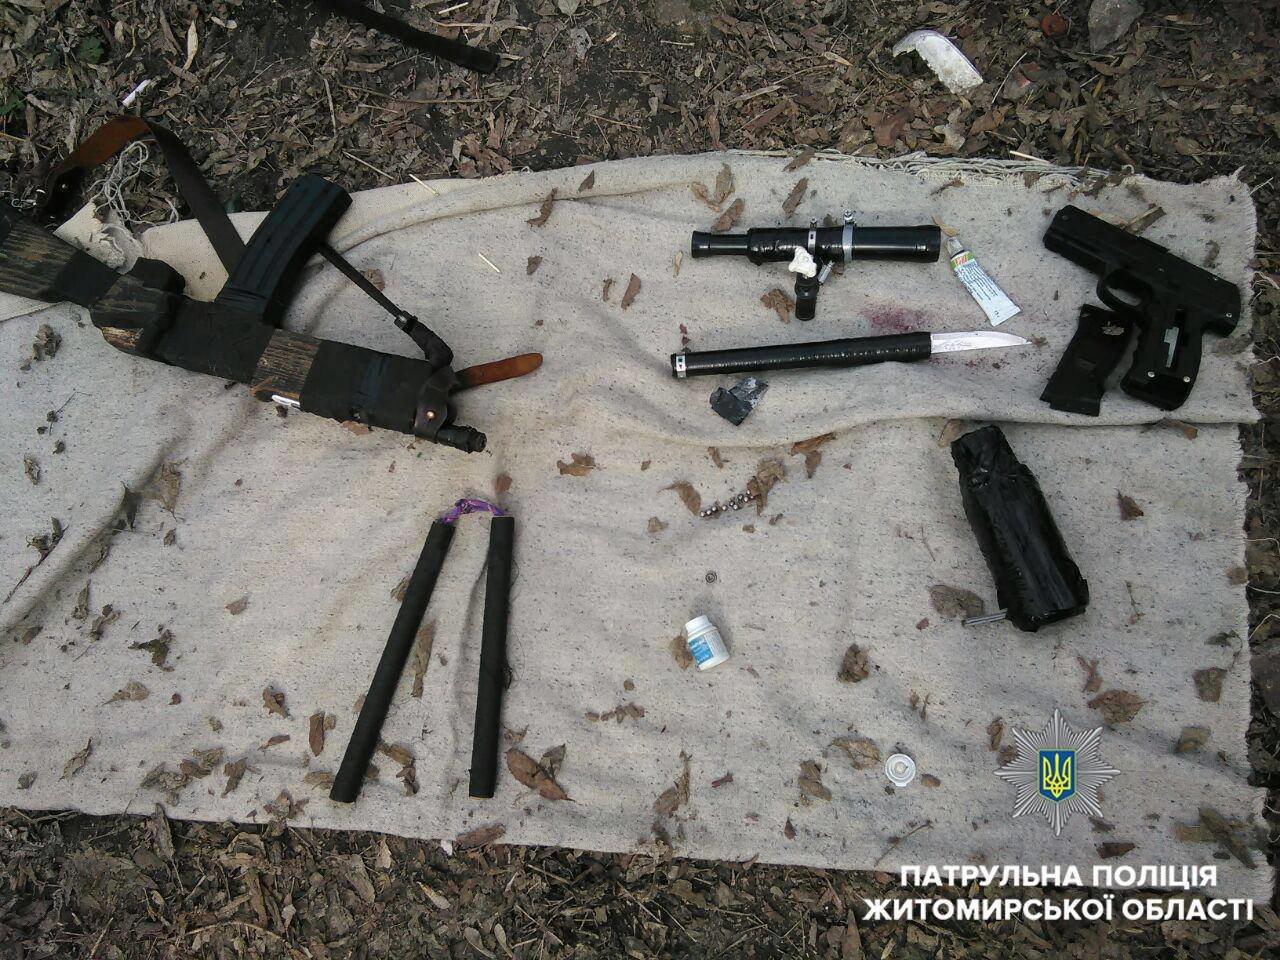 Чоловіків із саморобною зброєю зупинили патрульні у центрі Житомира, фото-2